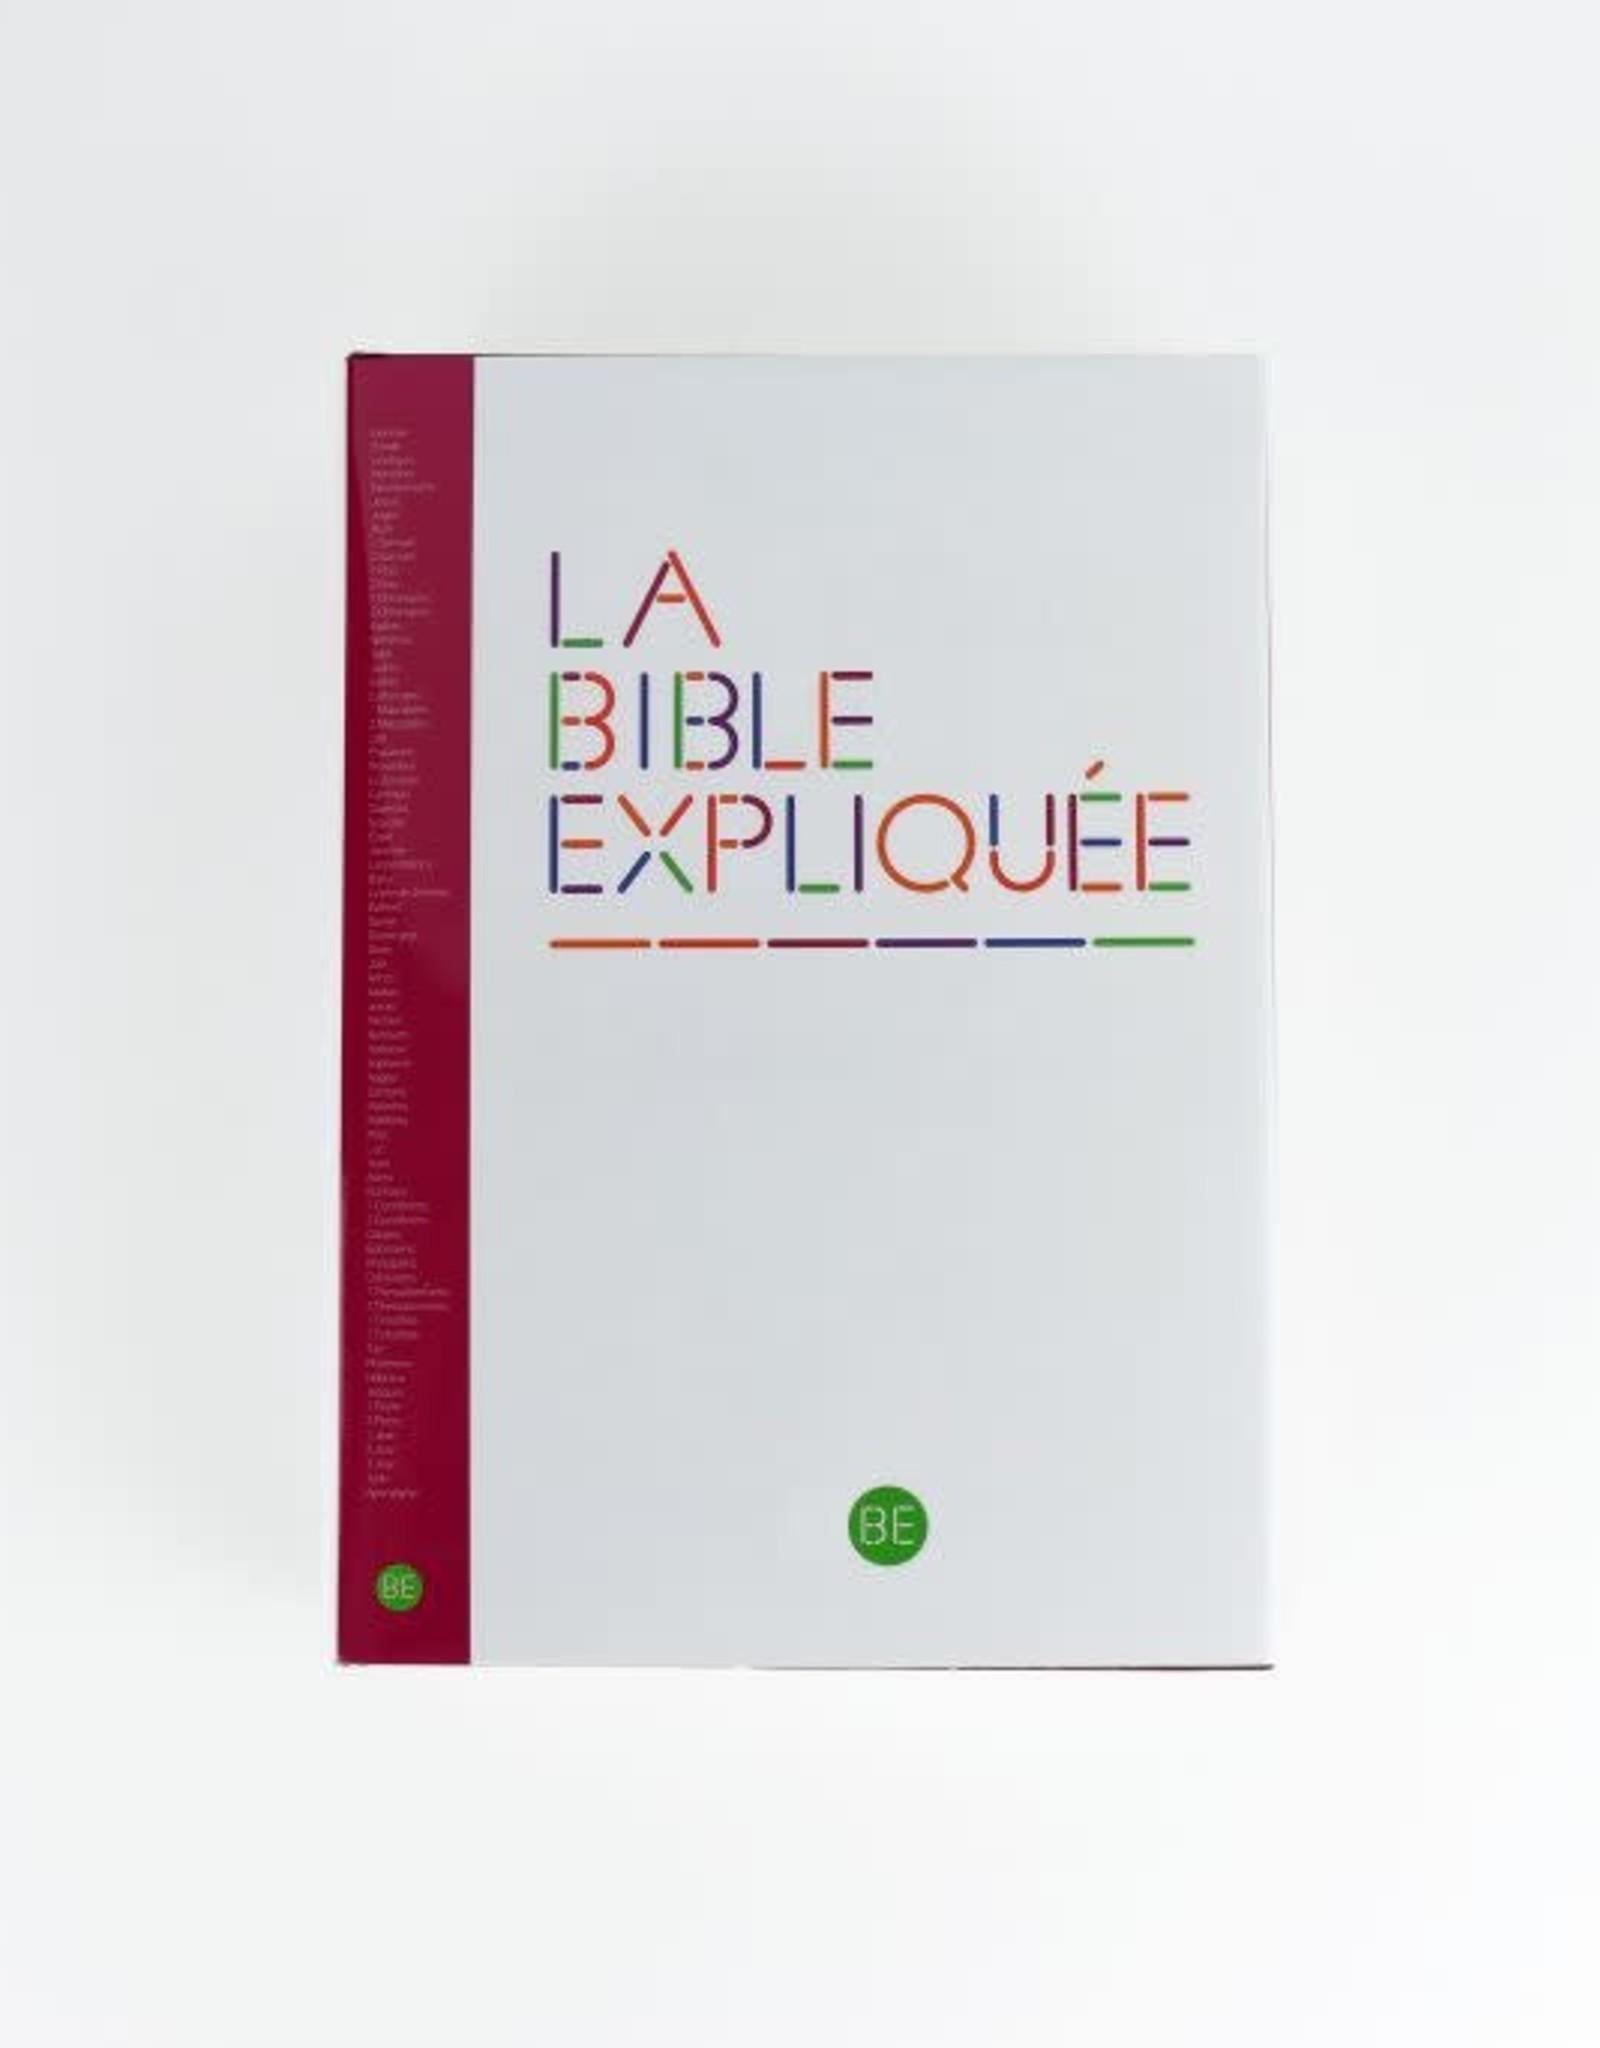 Société Biblique / Bible Society La Bible expliquée. Un livre essentiel pour comprendre notre civilisation (french)